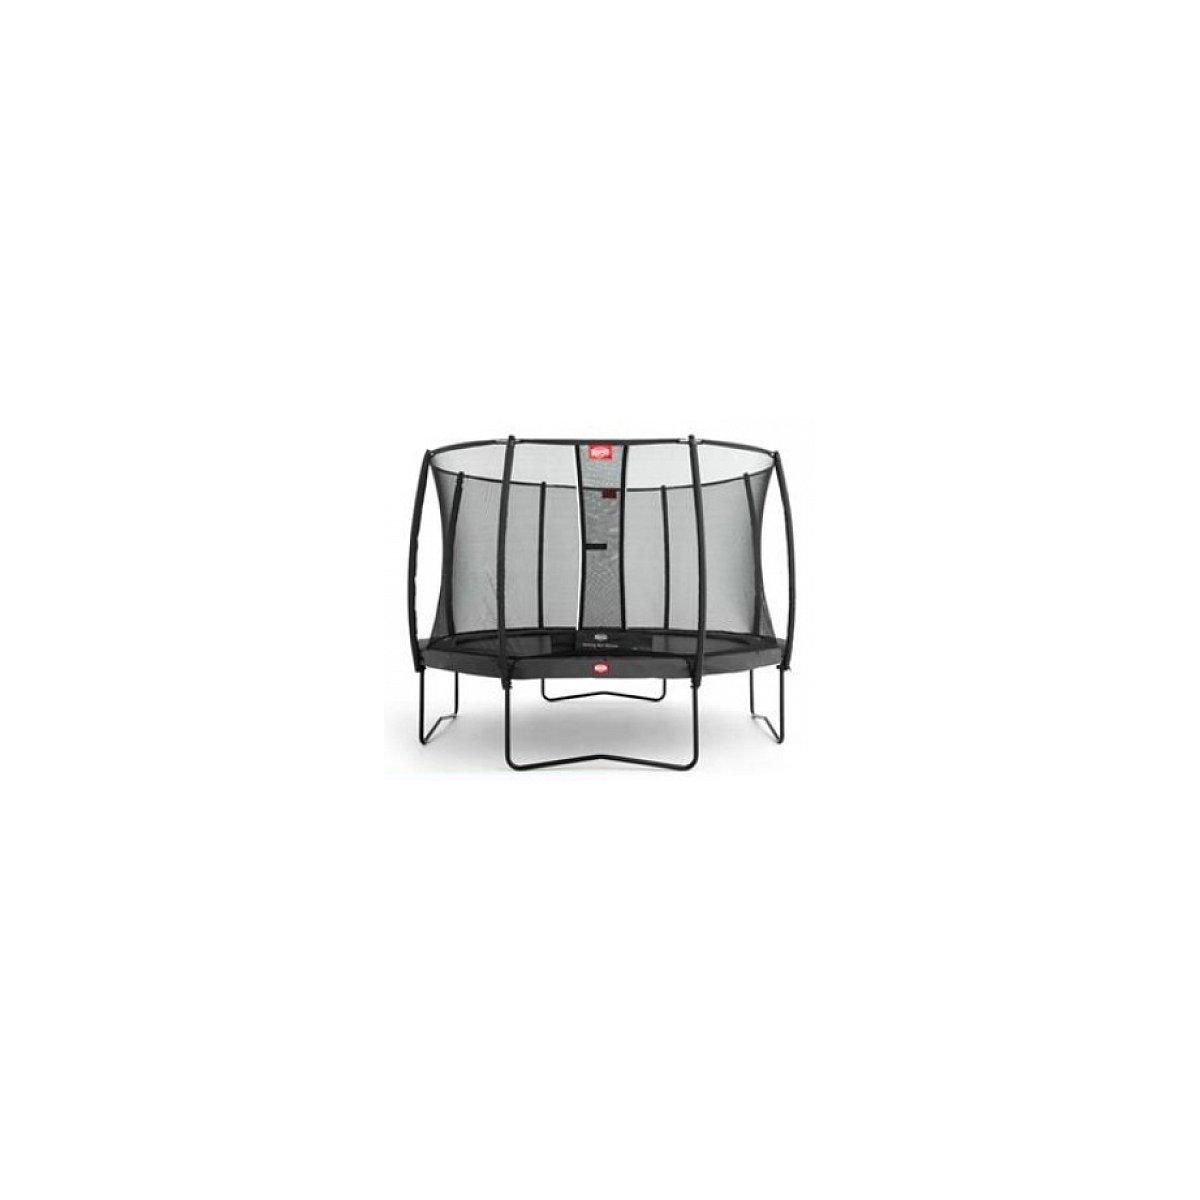 Berg® Trampolin Champion mit Sicherheitsnetz Deluxe, 380 cm, Grau